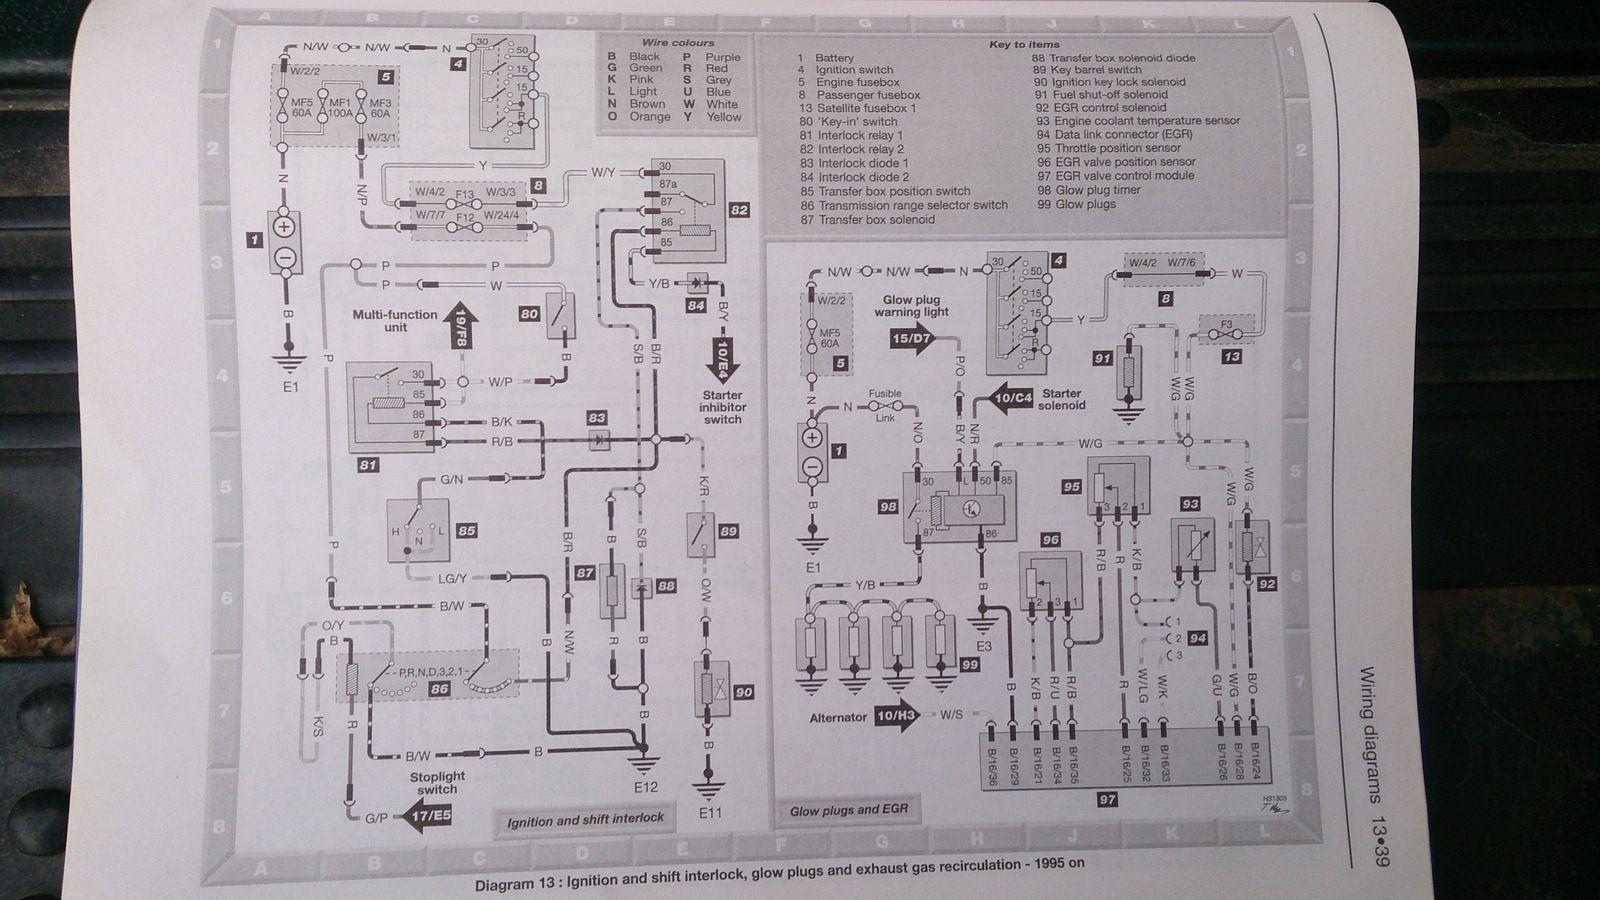 glow plug circuit landyzone land rover forum 2002 land rover wiring-diagram land rover discovery glow plug wiring diagram #1